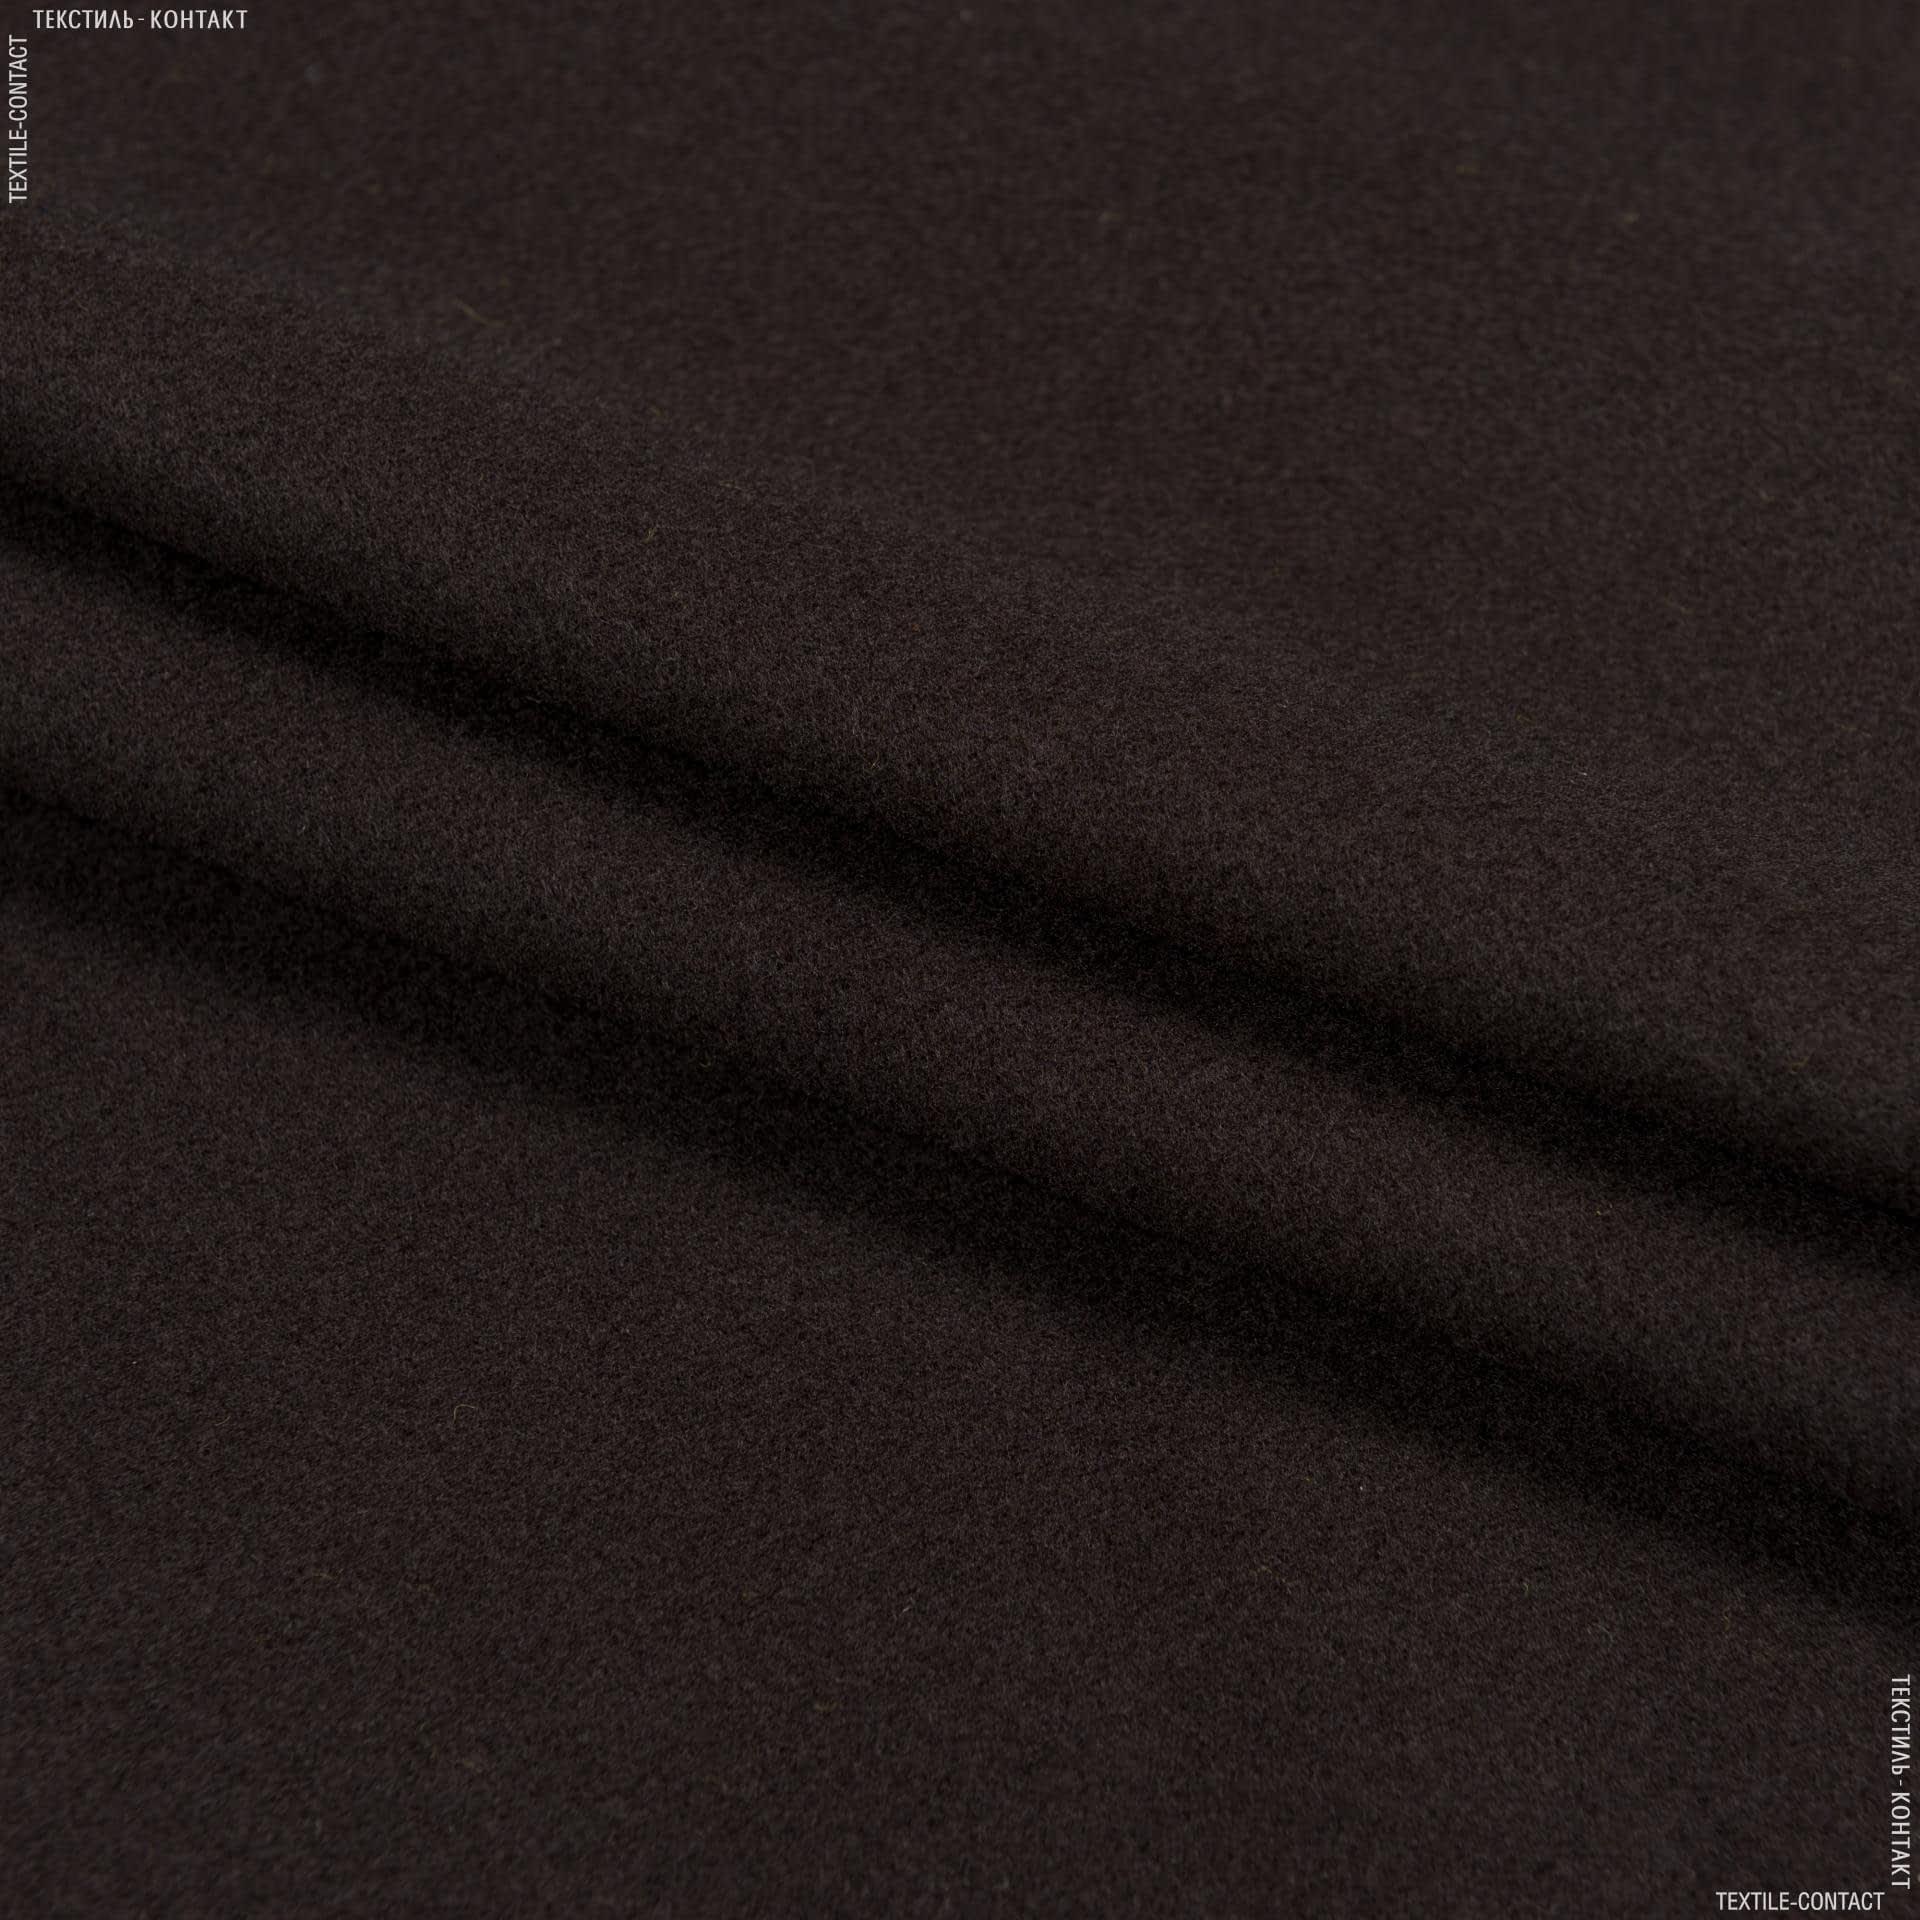 Ткани для верхней одежды - Пальтовый кашемир вирджиния шоколадный